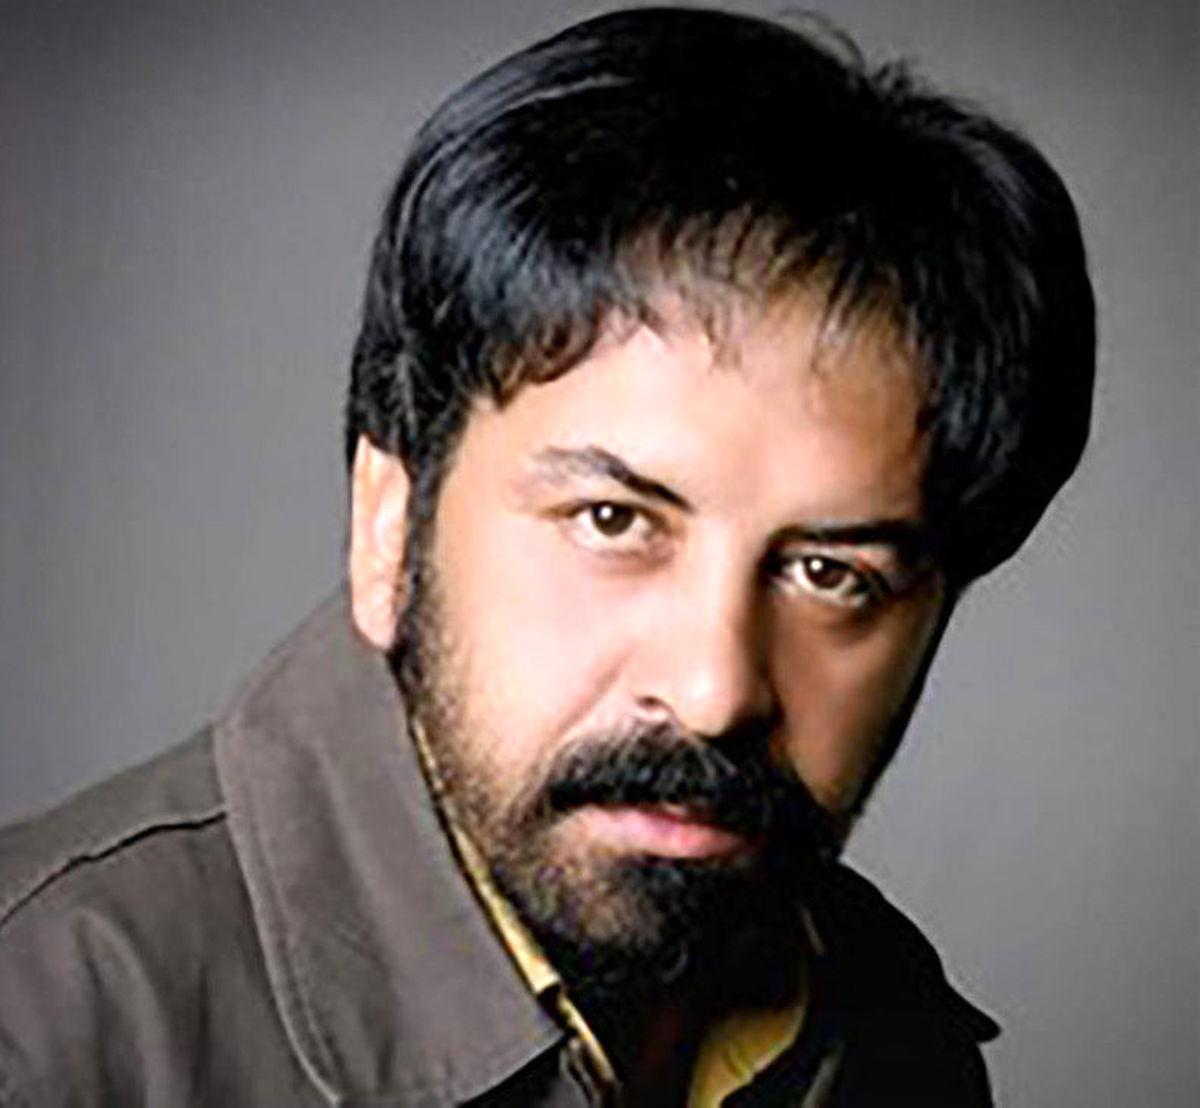 خبرفوری | مجید صادقی هنرمند معروف درگذشت